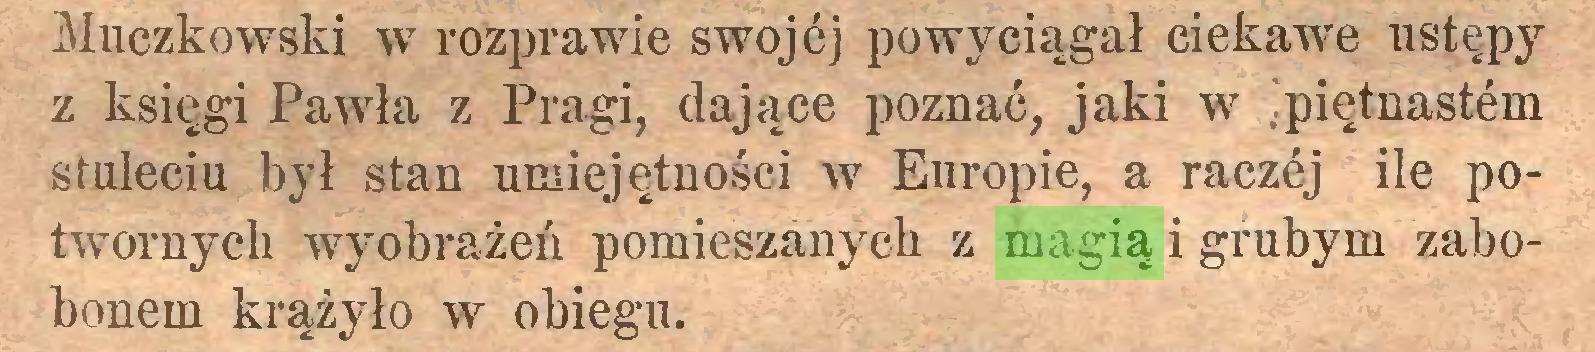 (...) Muczkowski w rozprawie swojej powyciągał ciekawe ustępy z księgi Pawła z Pragi, dające poznać, jaki w ipiętnastem stuleciu był stan umiejętności w Europie, a raczej ile potwornych wyobrażeń pomieszanych z magią i grubym zabobonem krążyło w obiegu...